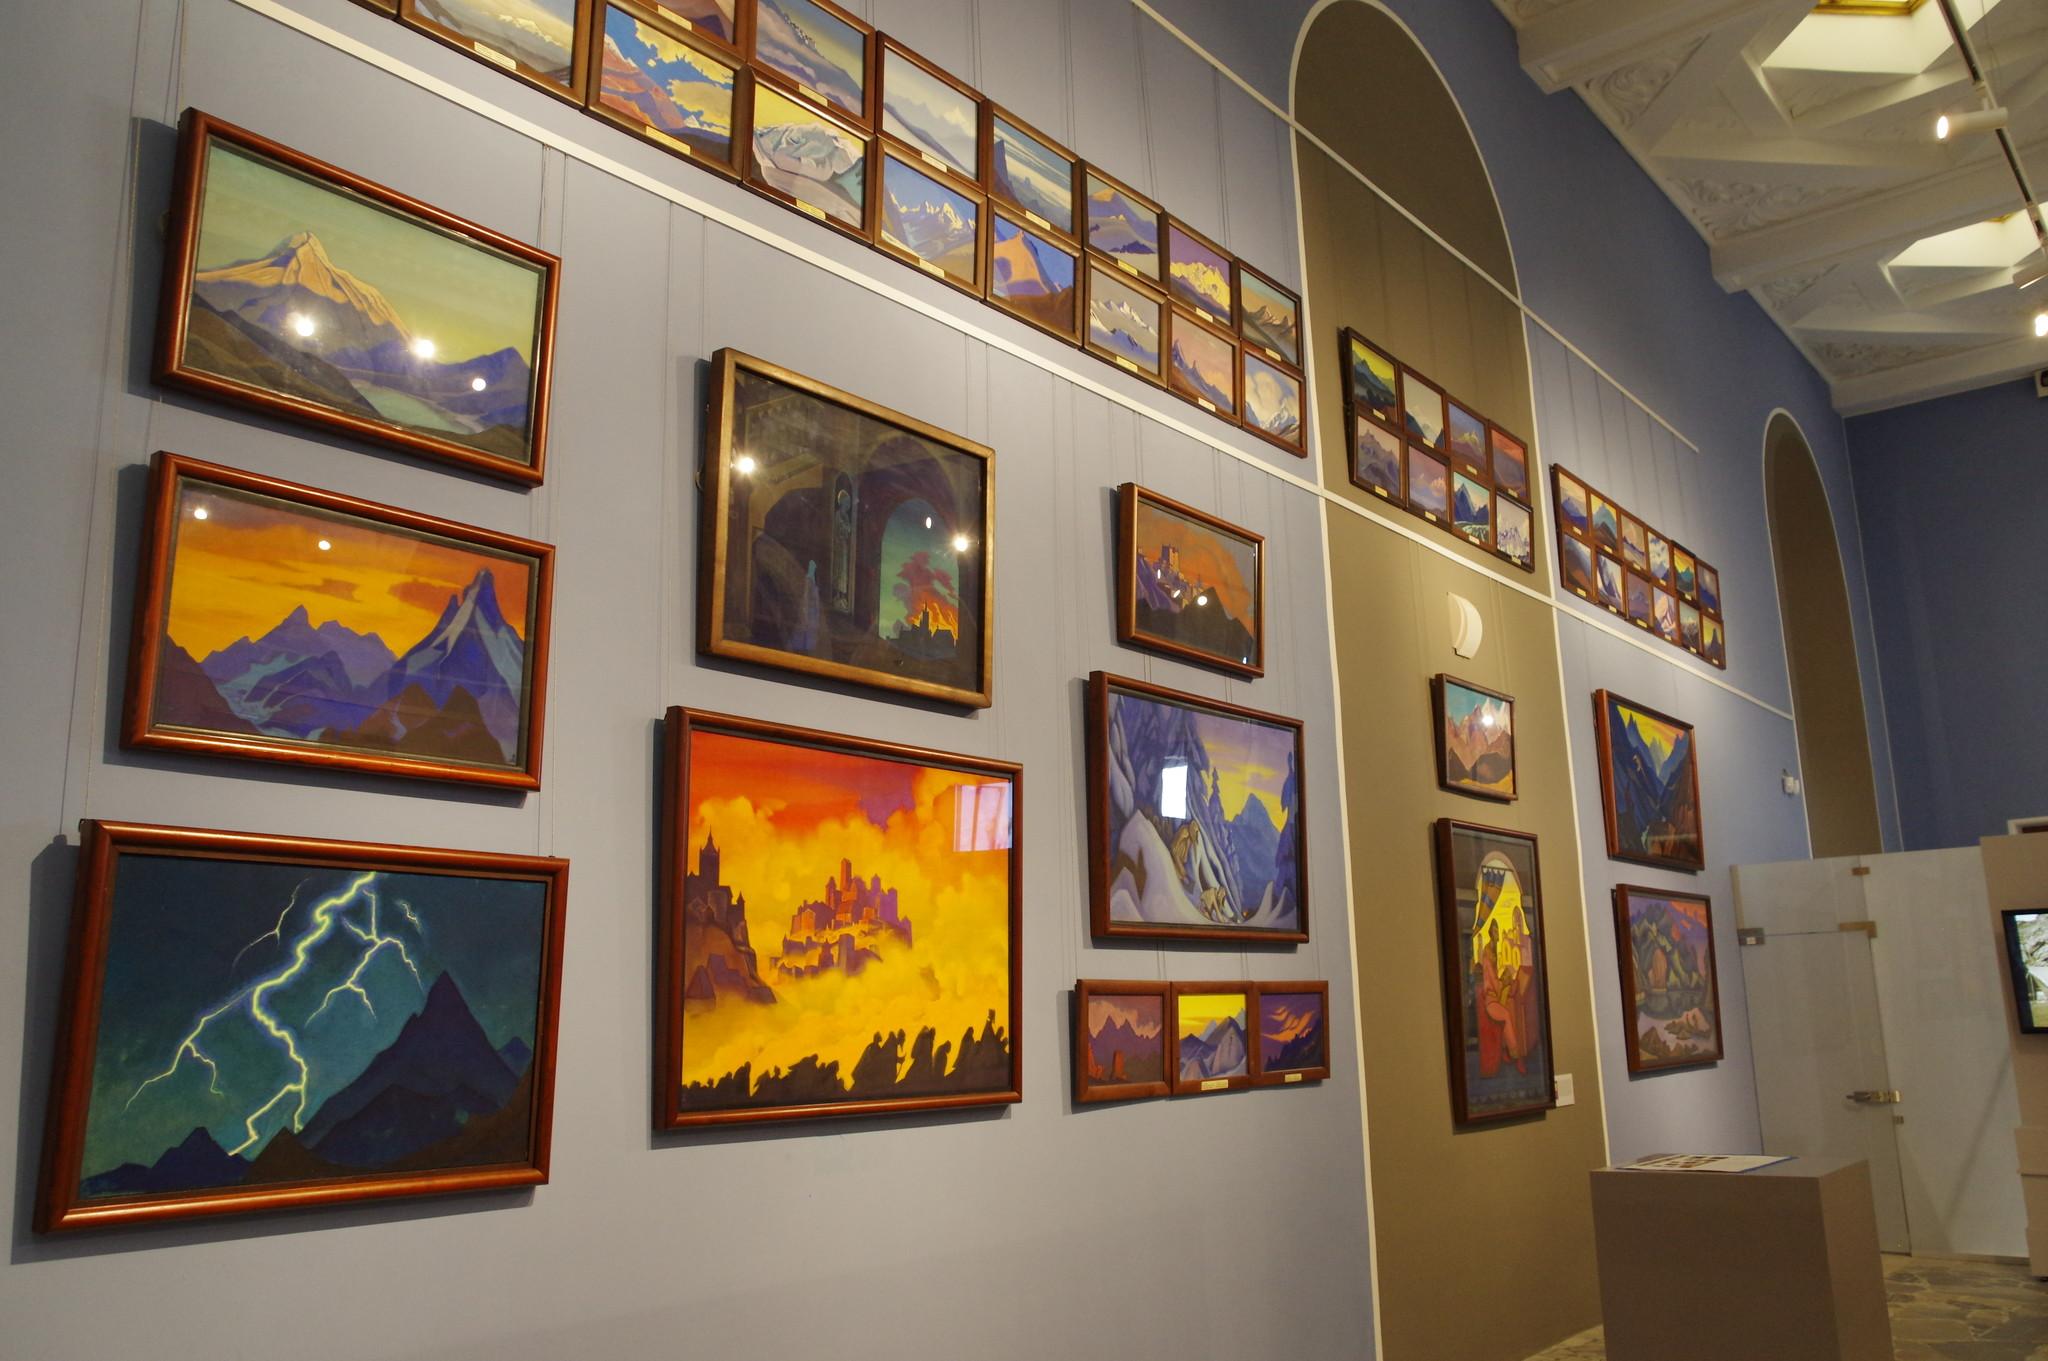 Постоянная экспозиция «Сохраняя культуру. Музей Рерихов» в павильоне № 13 на ВДНХ